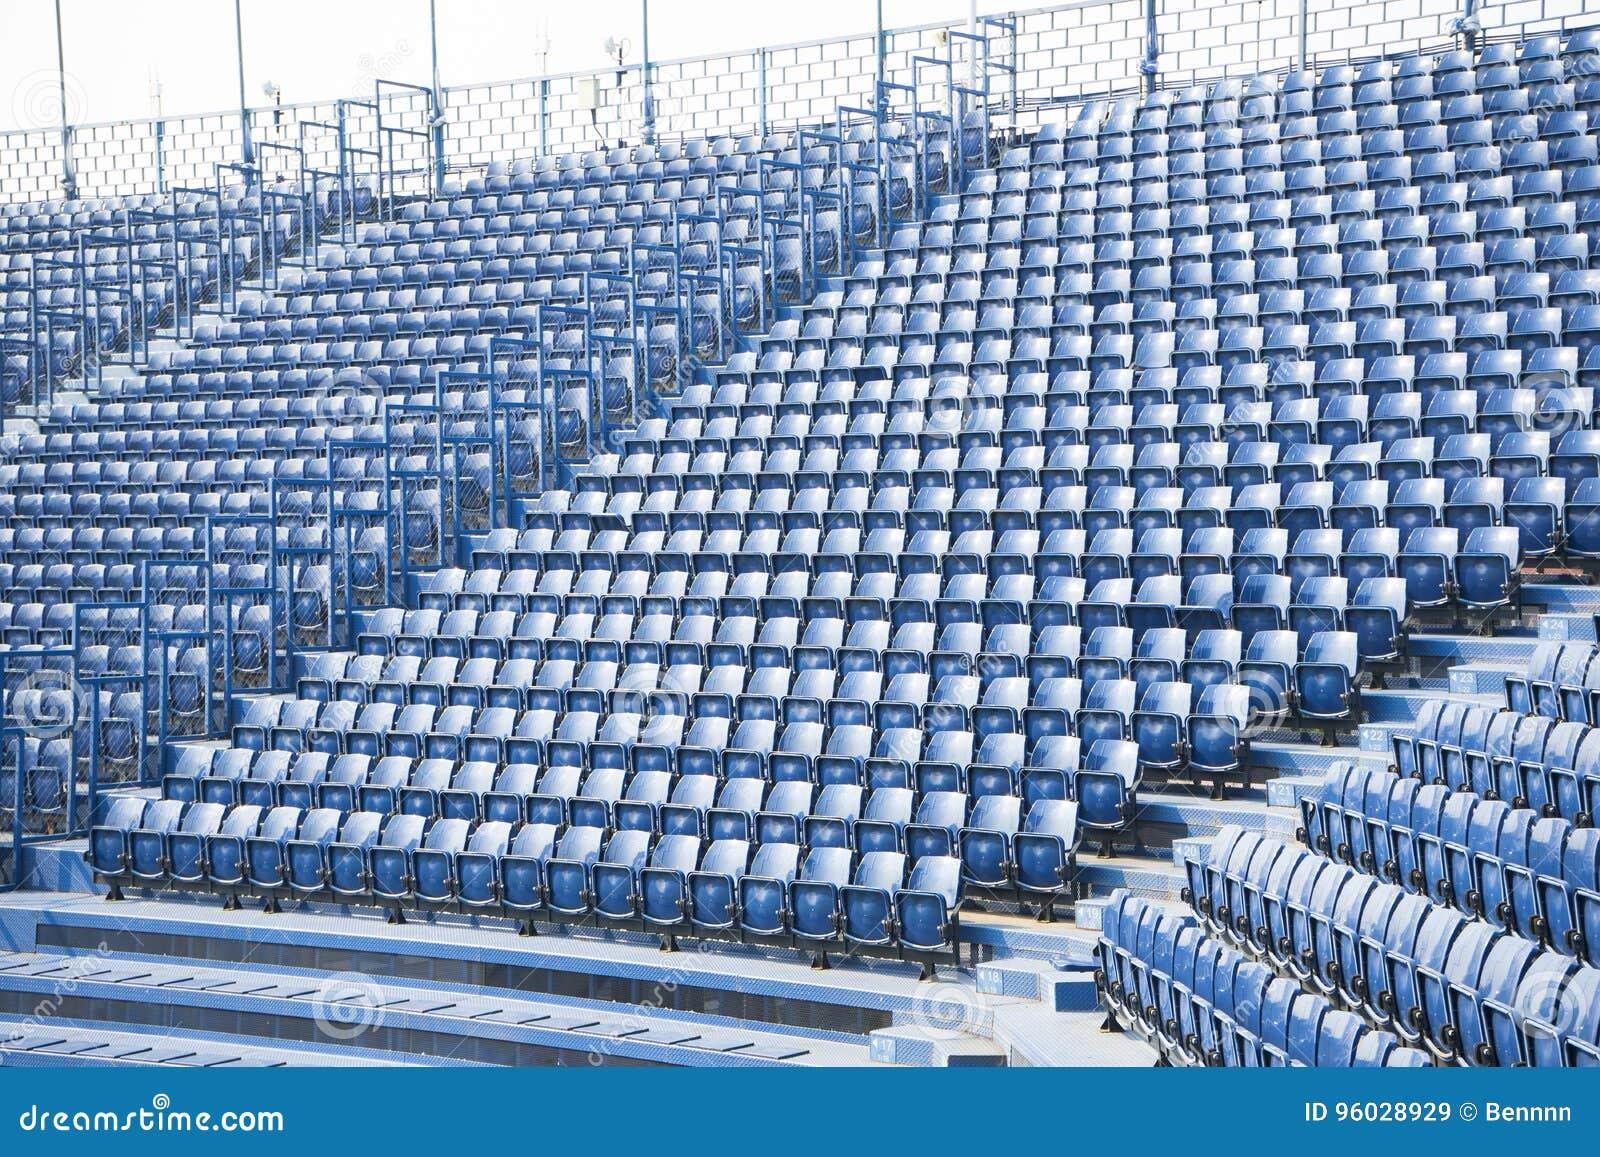 Puste siedzenie w stadium